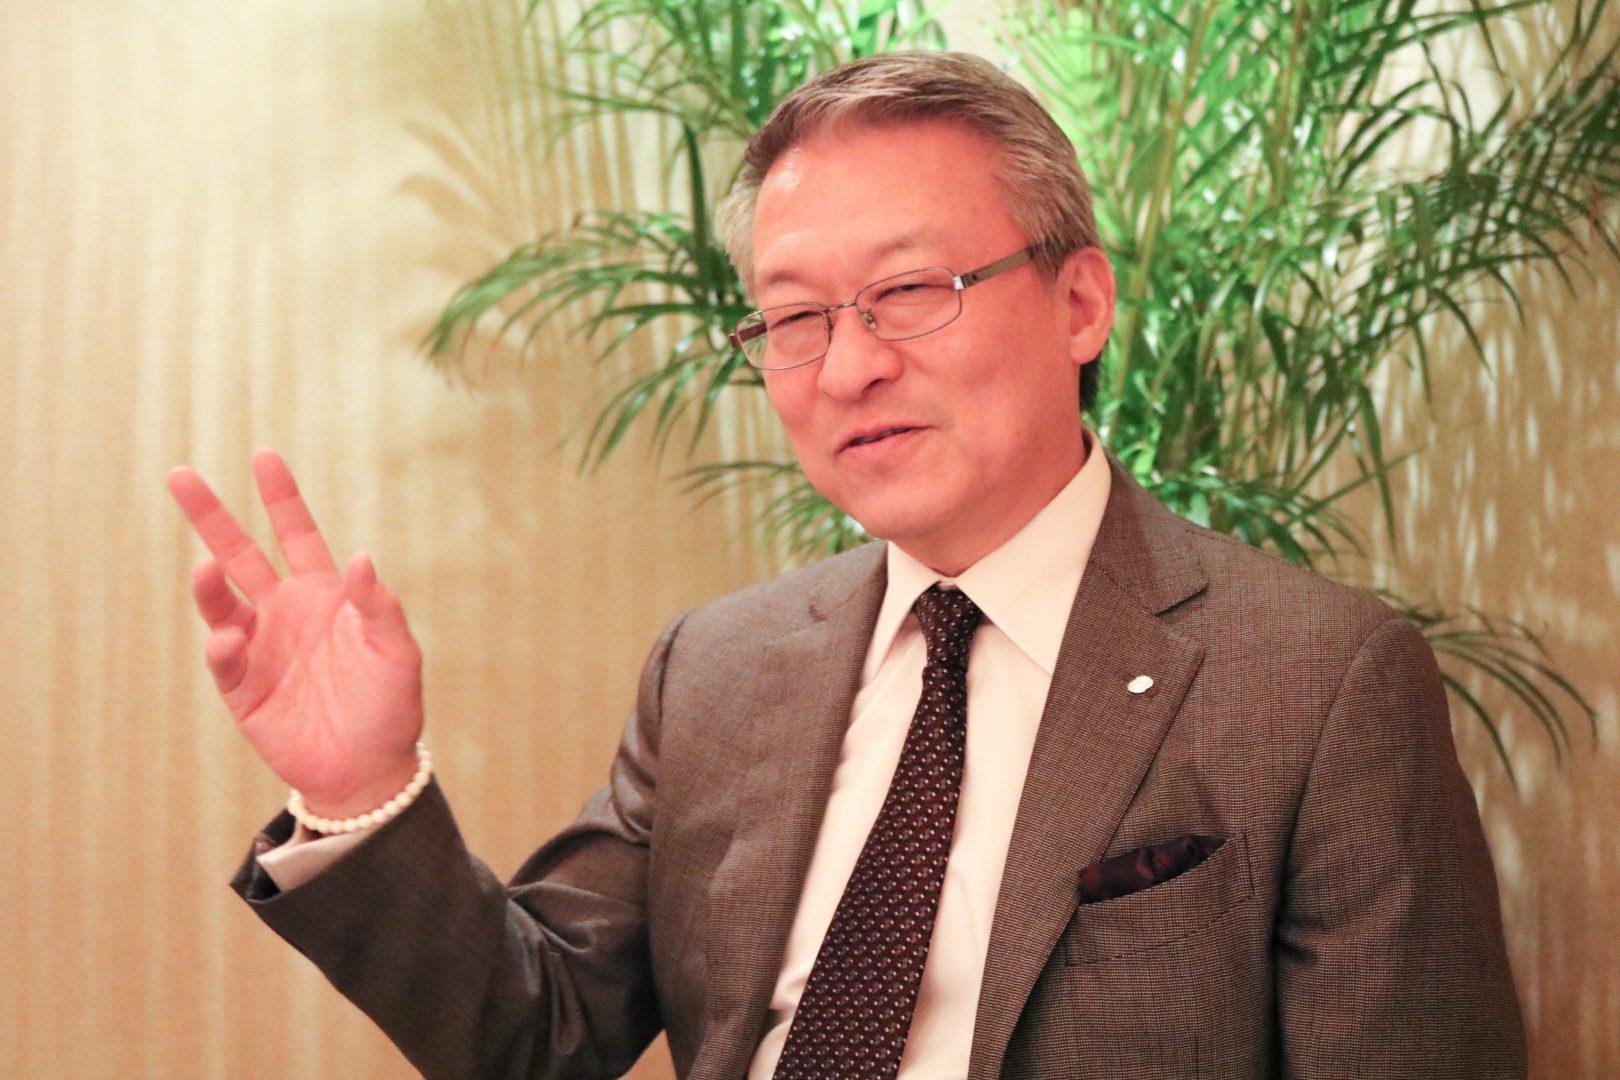 スポーツもビジネスも 「勝ち癖」と「縁」でつかみ取れ 【TOP名古屋小田オーナー インタビュー後編】